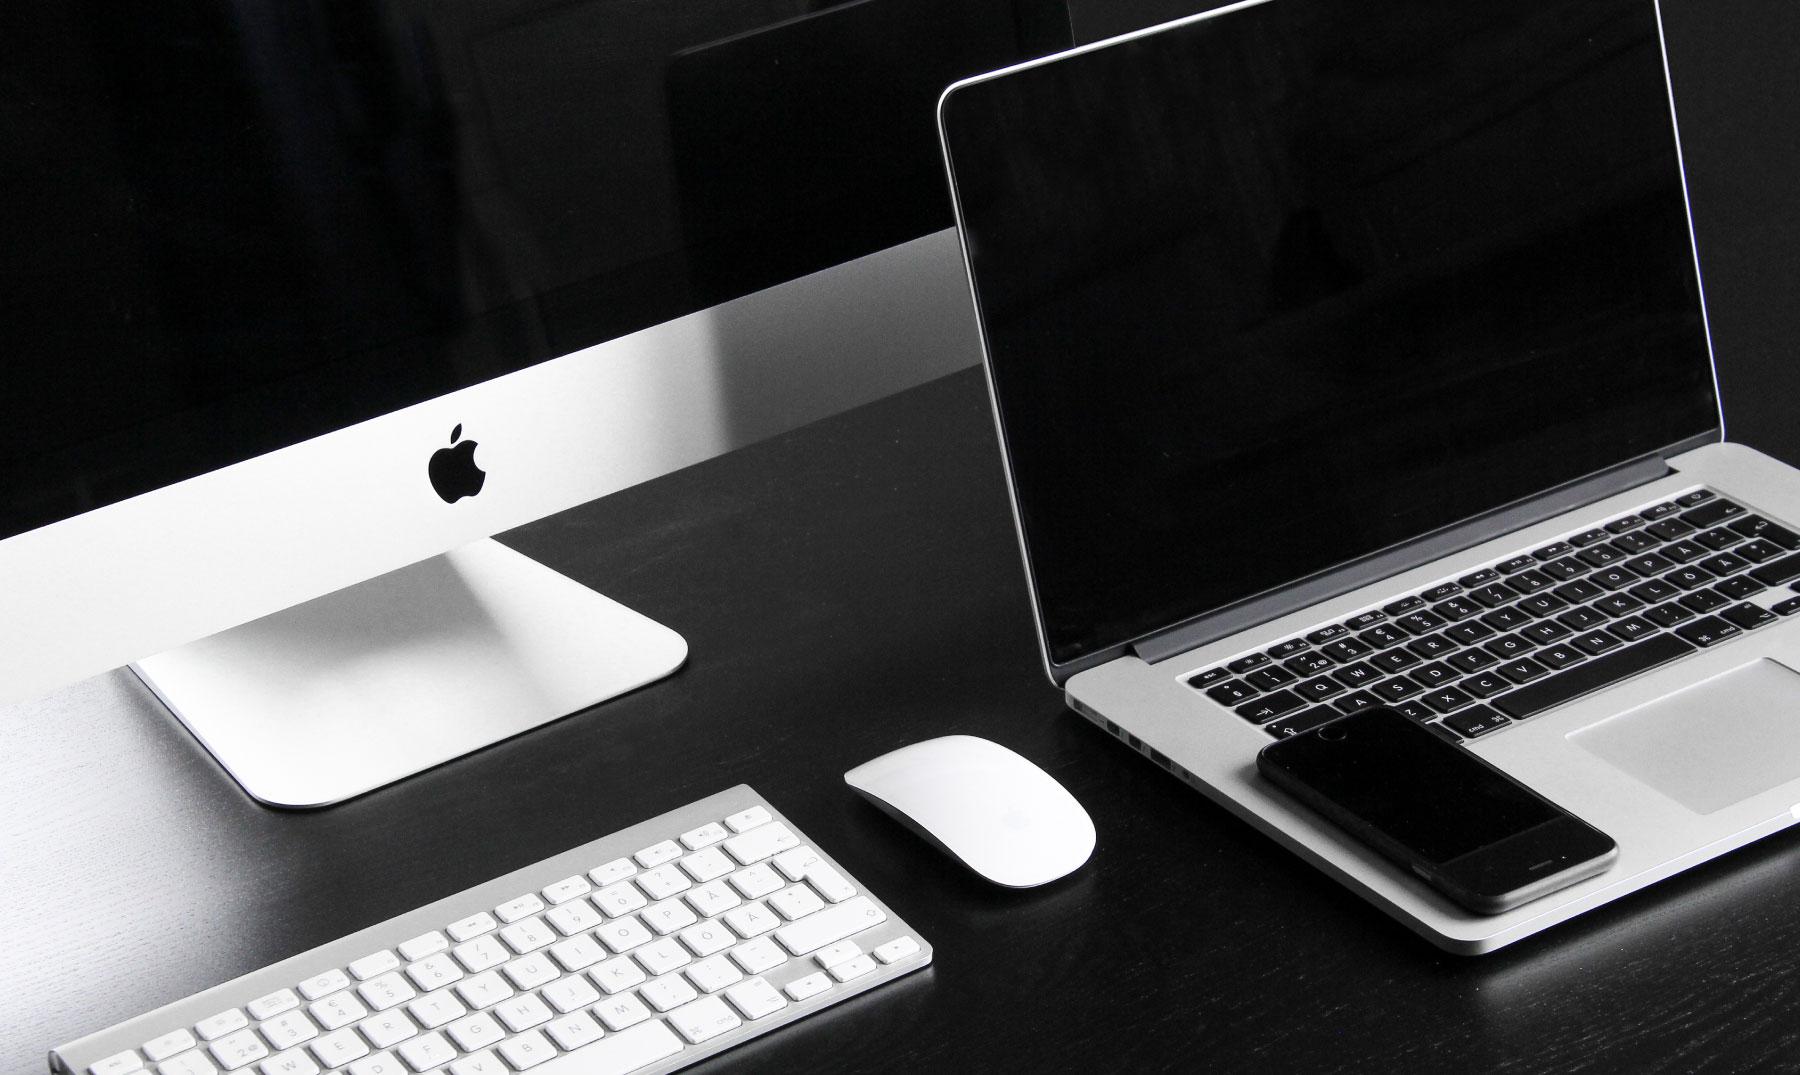 Cómo ajustar los controles de ortografía de tu Mac